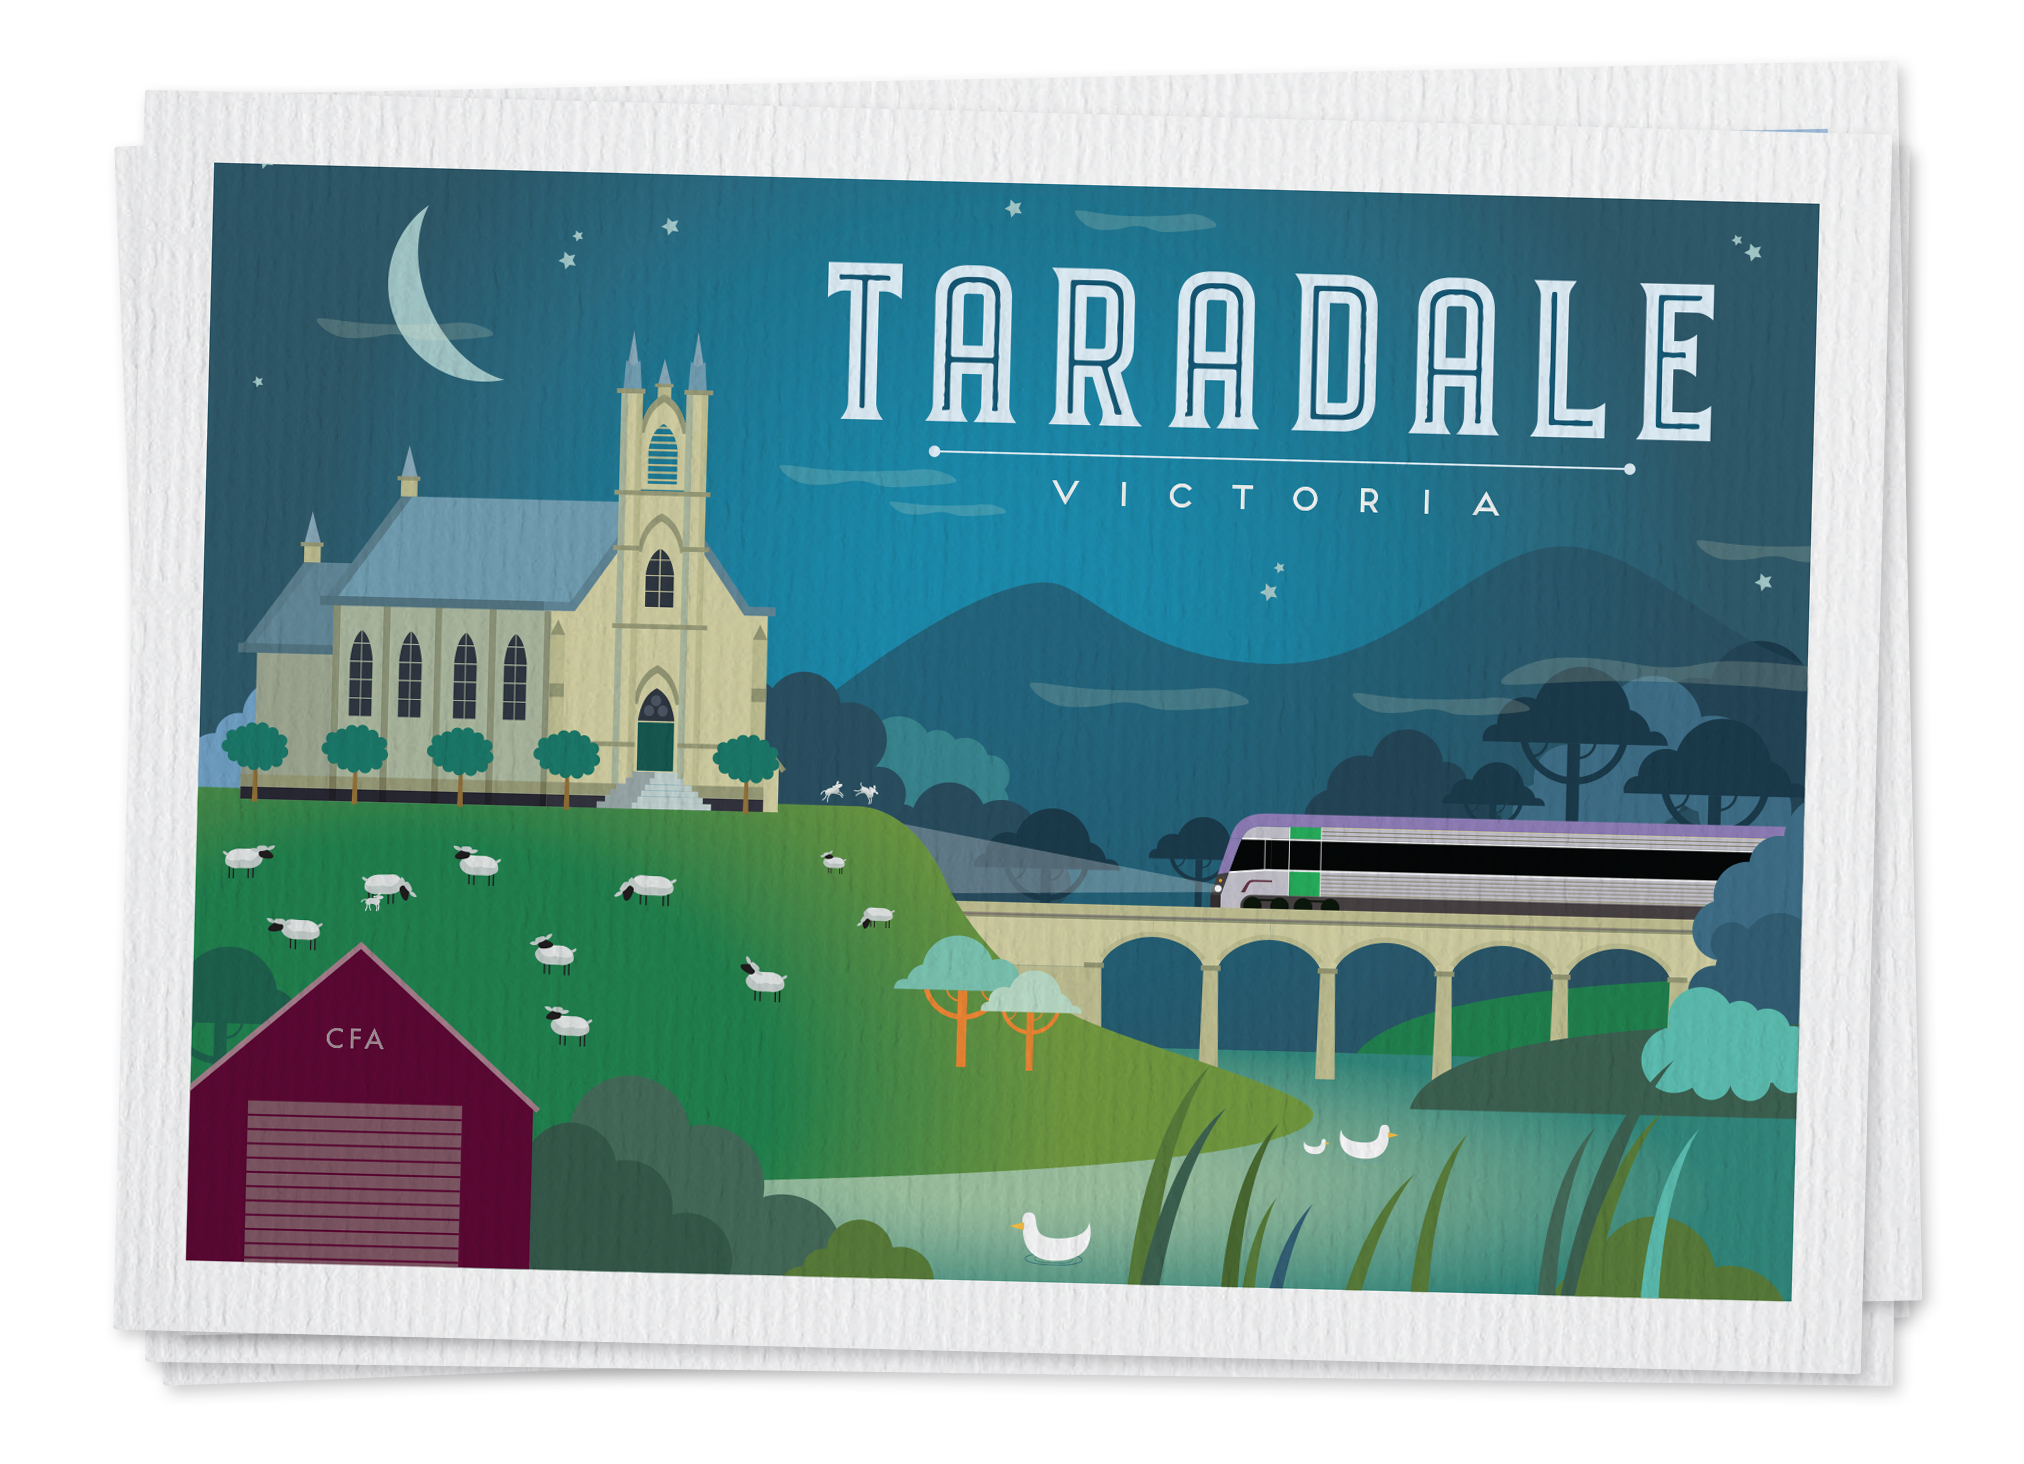 Taradale.jpg